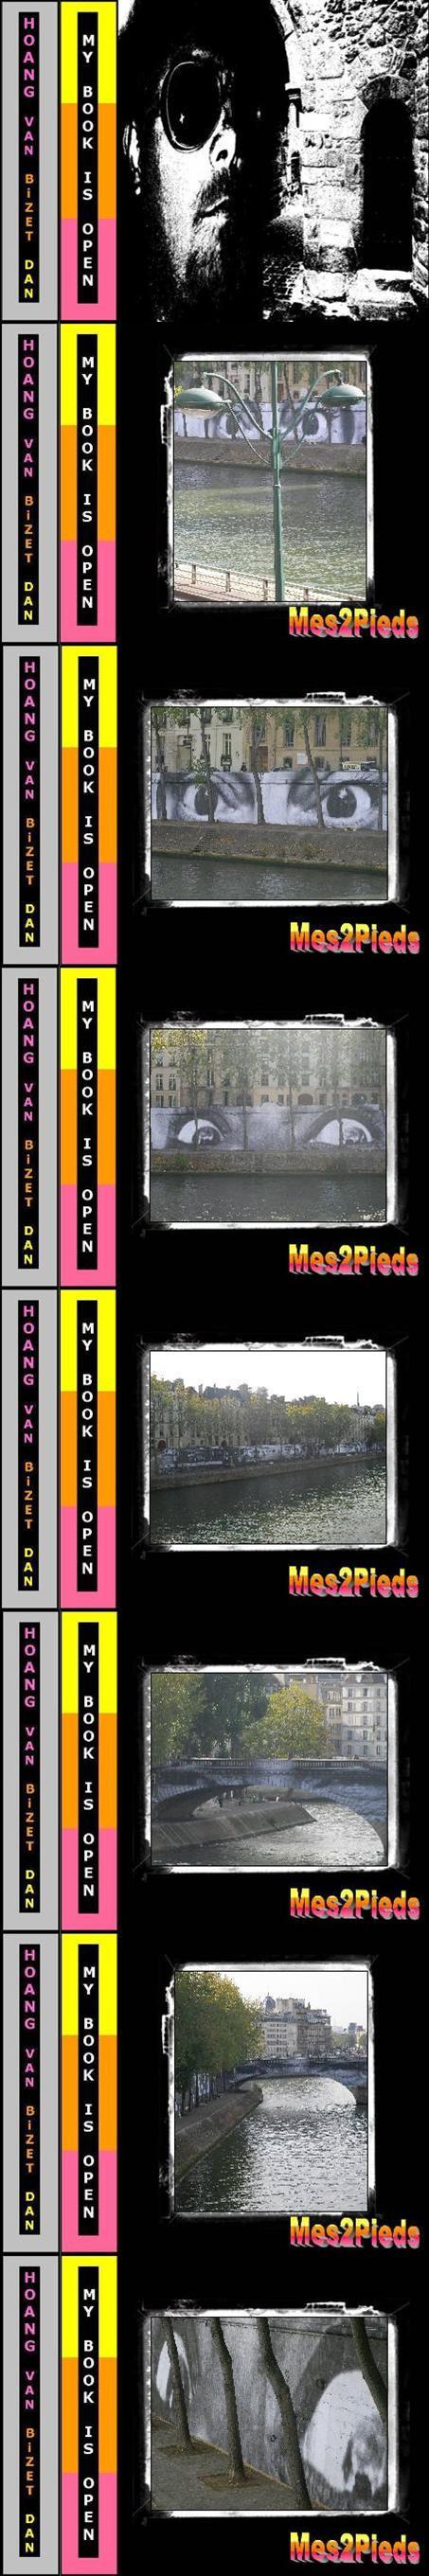 Quai de Paris - You See